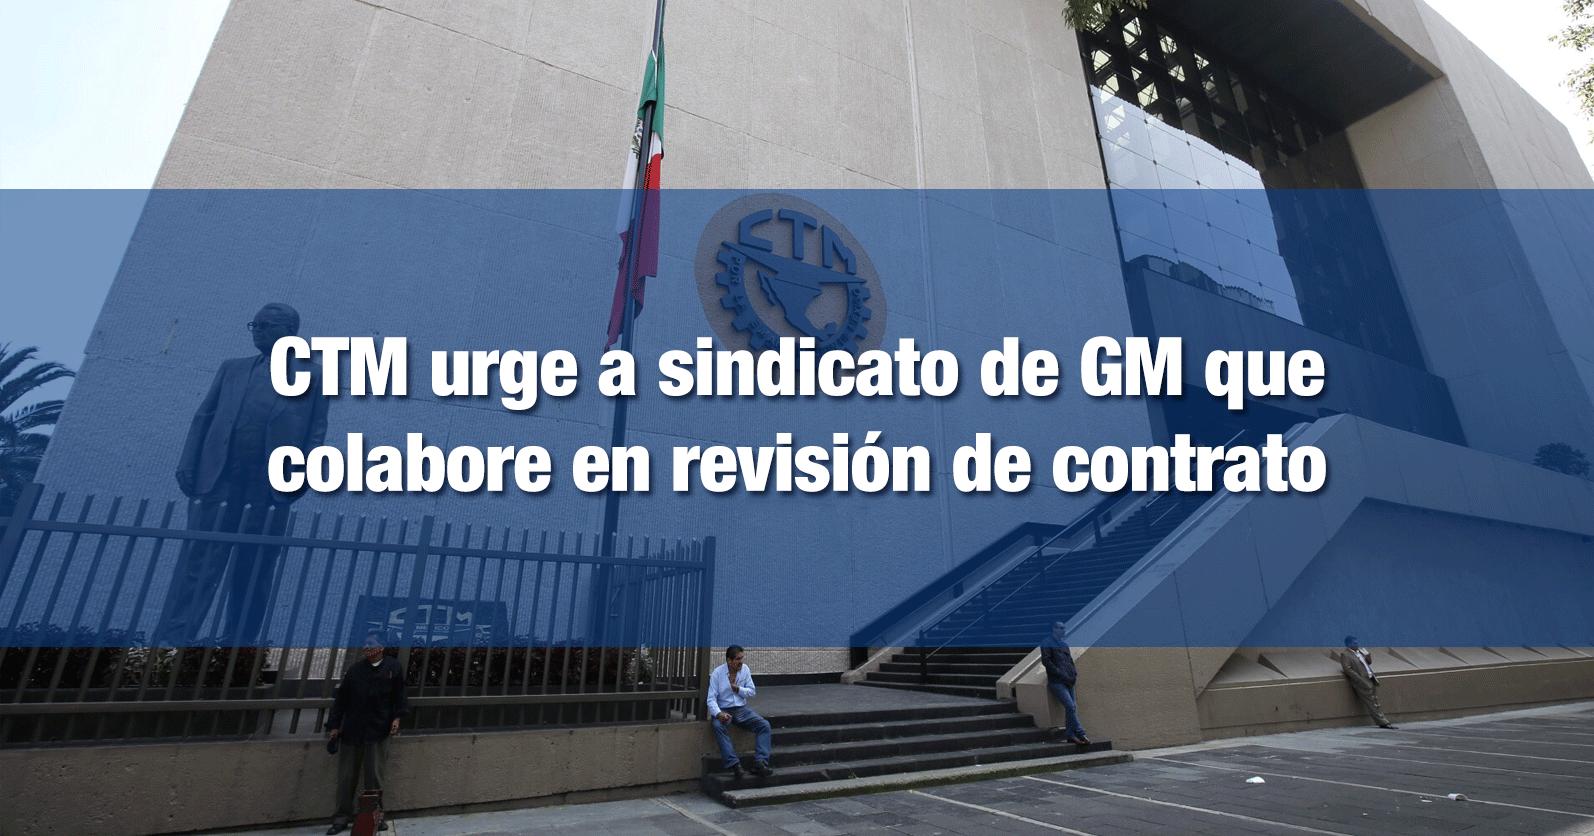 CTM urge a sindicato de GM que colabore en revisión de contrato